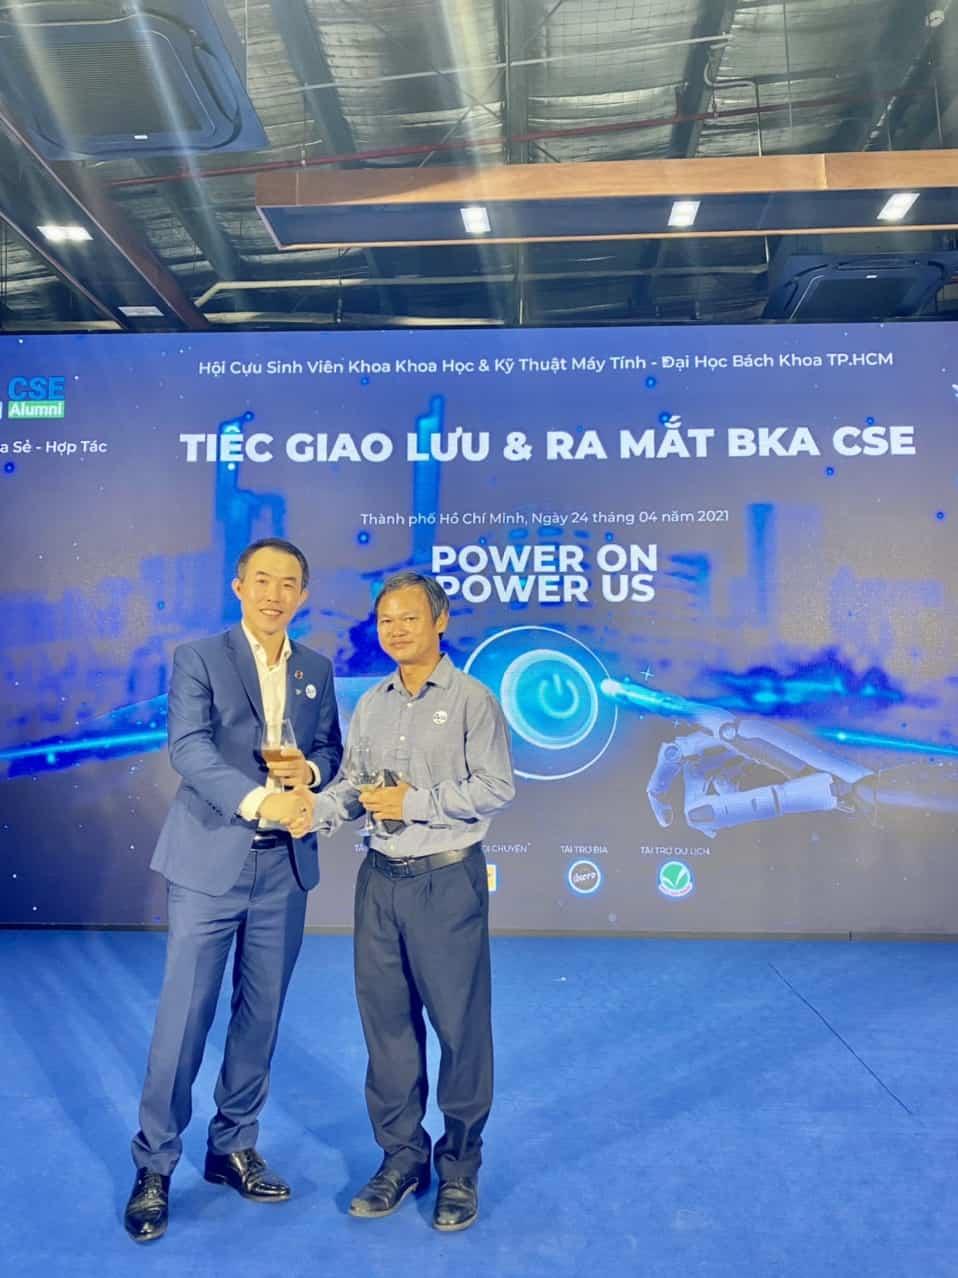 Tiến sỹ Trần Viết Huân - CTO tập đoàn Sơn Kim -  Leader CIO Việt Nam